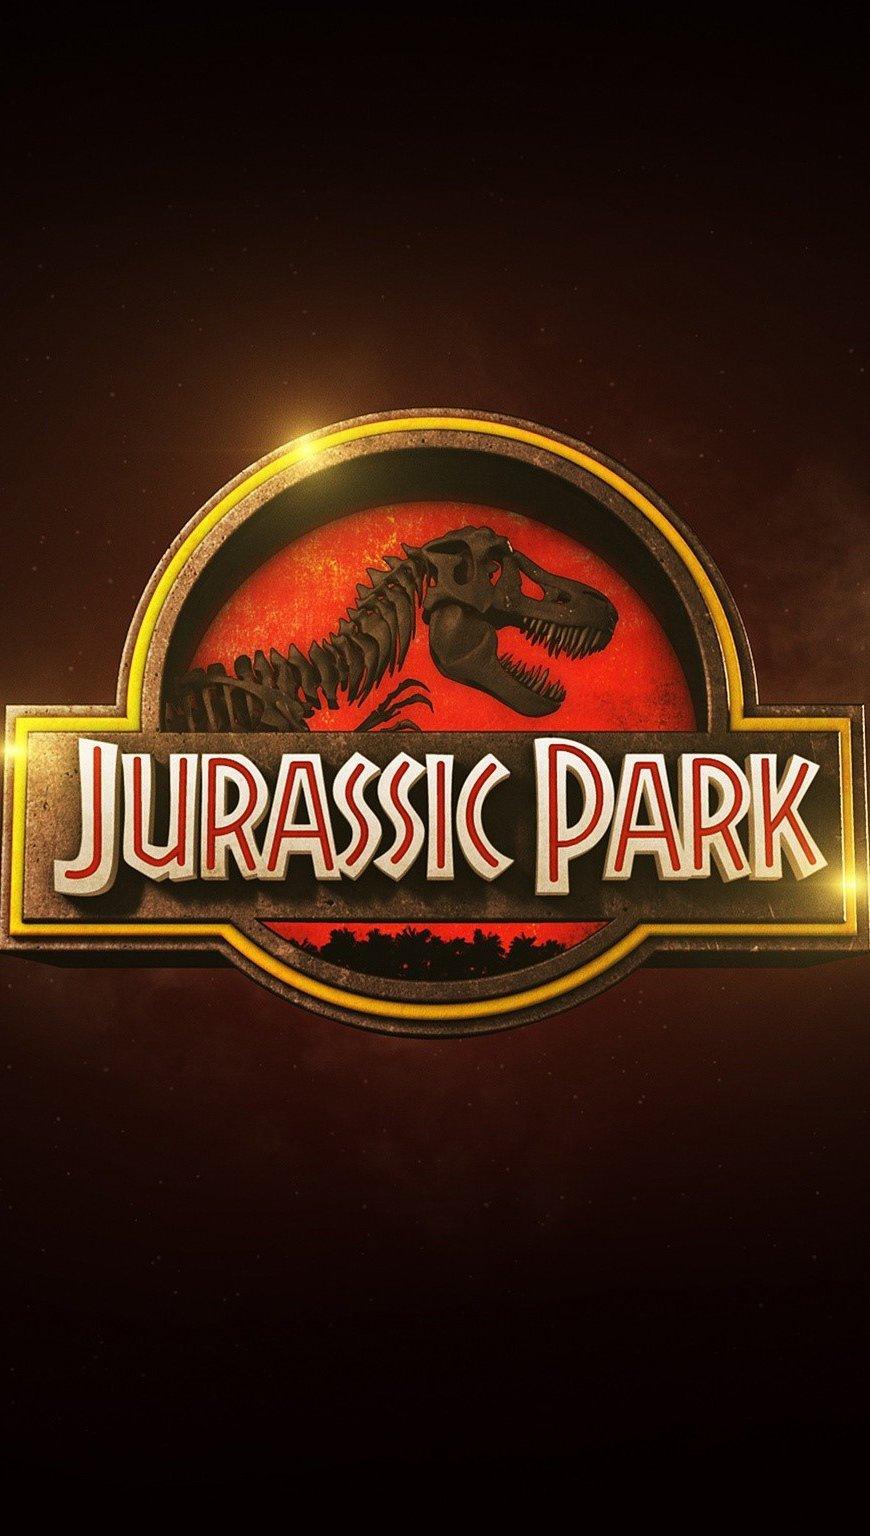 Wallpaper Jurassic Park Vertical